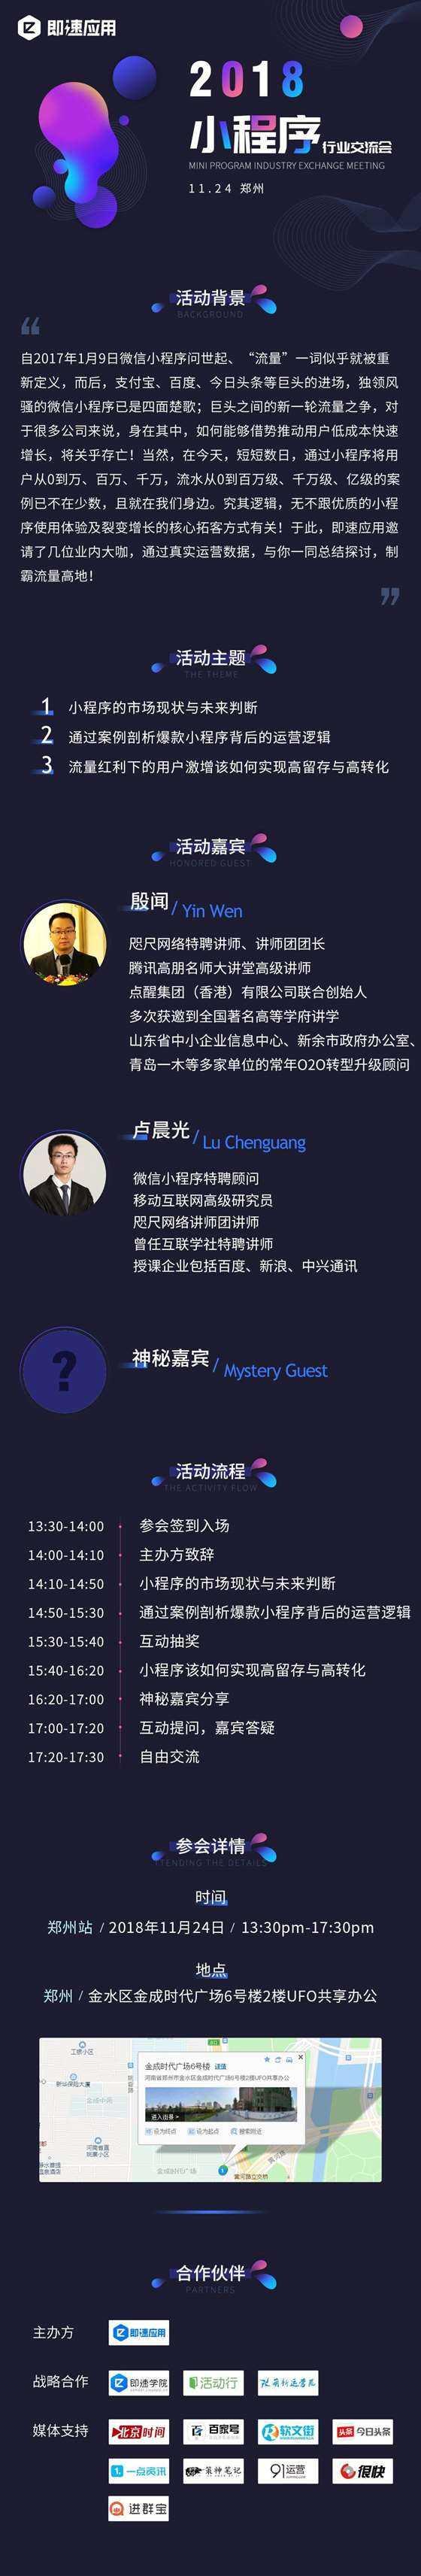 长图_郑州  活动行  最新.png